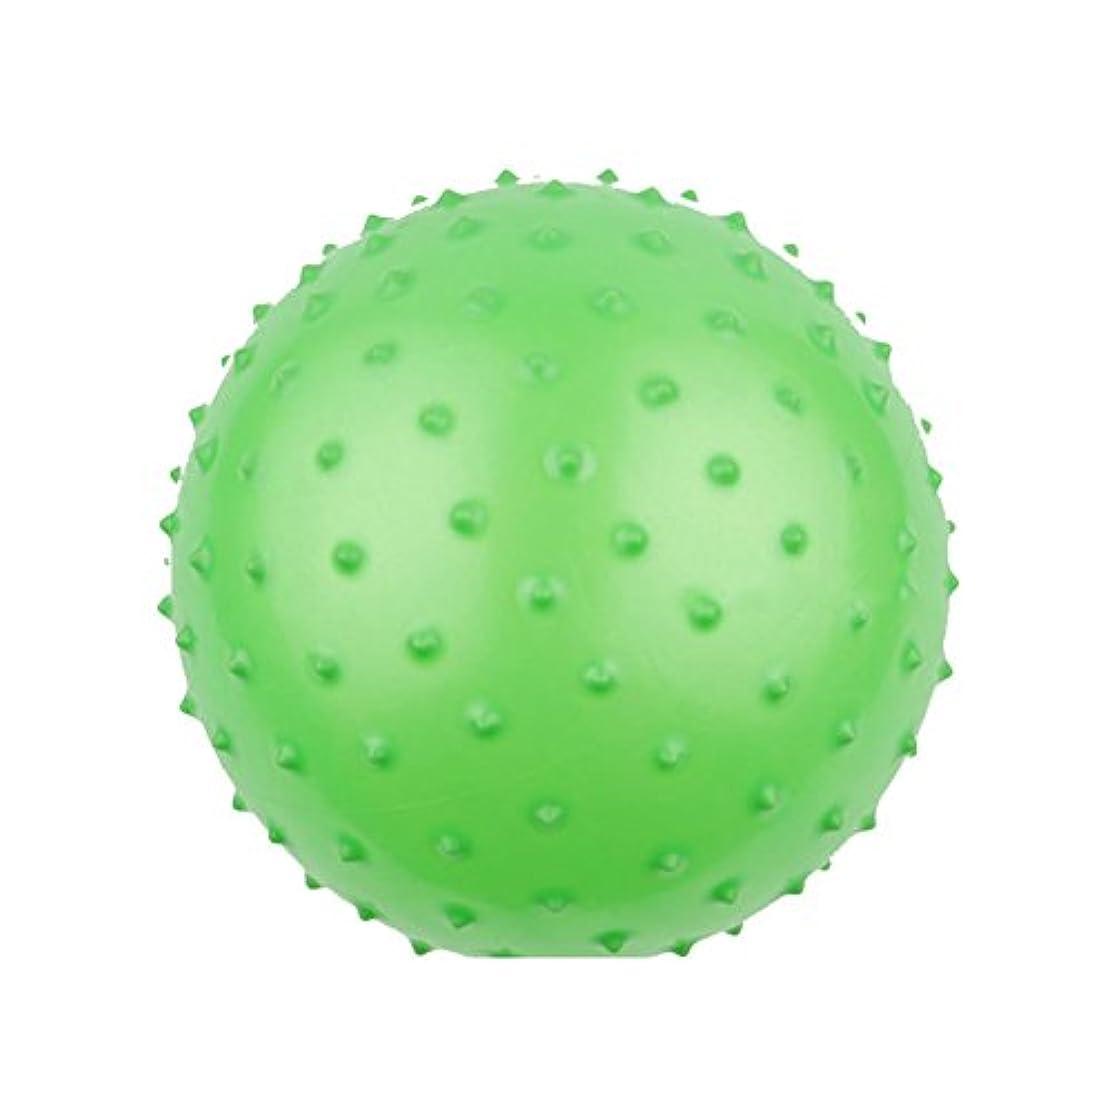 花婿トランクお肉Liebeye 野球ボール 素敵な野球ボールマッサージボールキッズインフレータブルおもちゃのギフト装飾品(ランダムカラー) 28cmマッサージボール